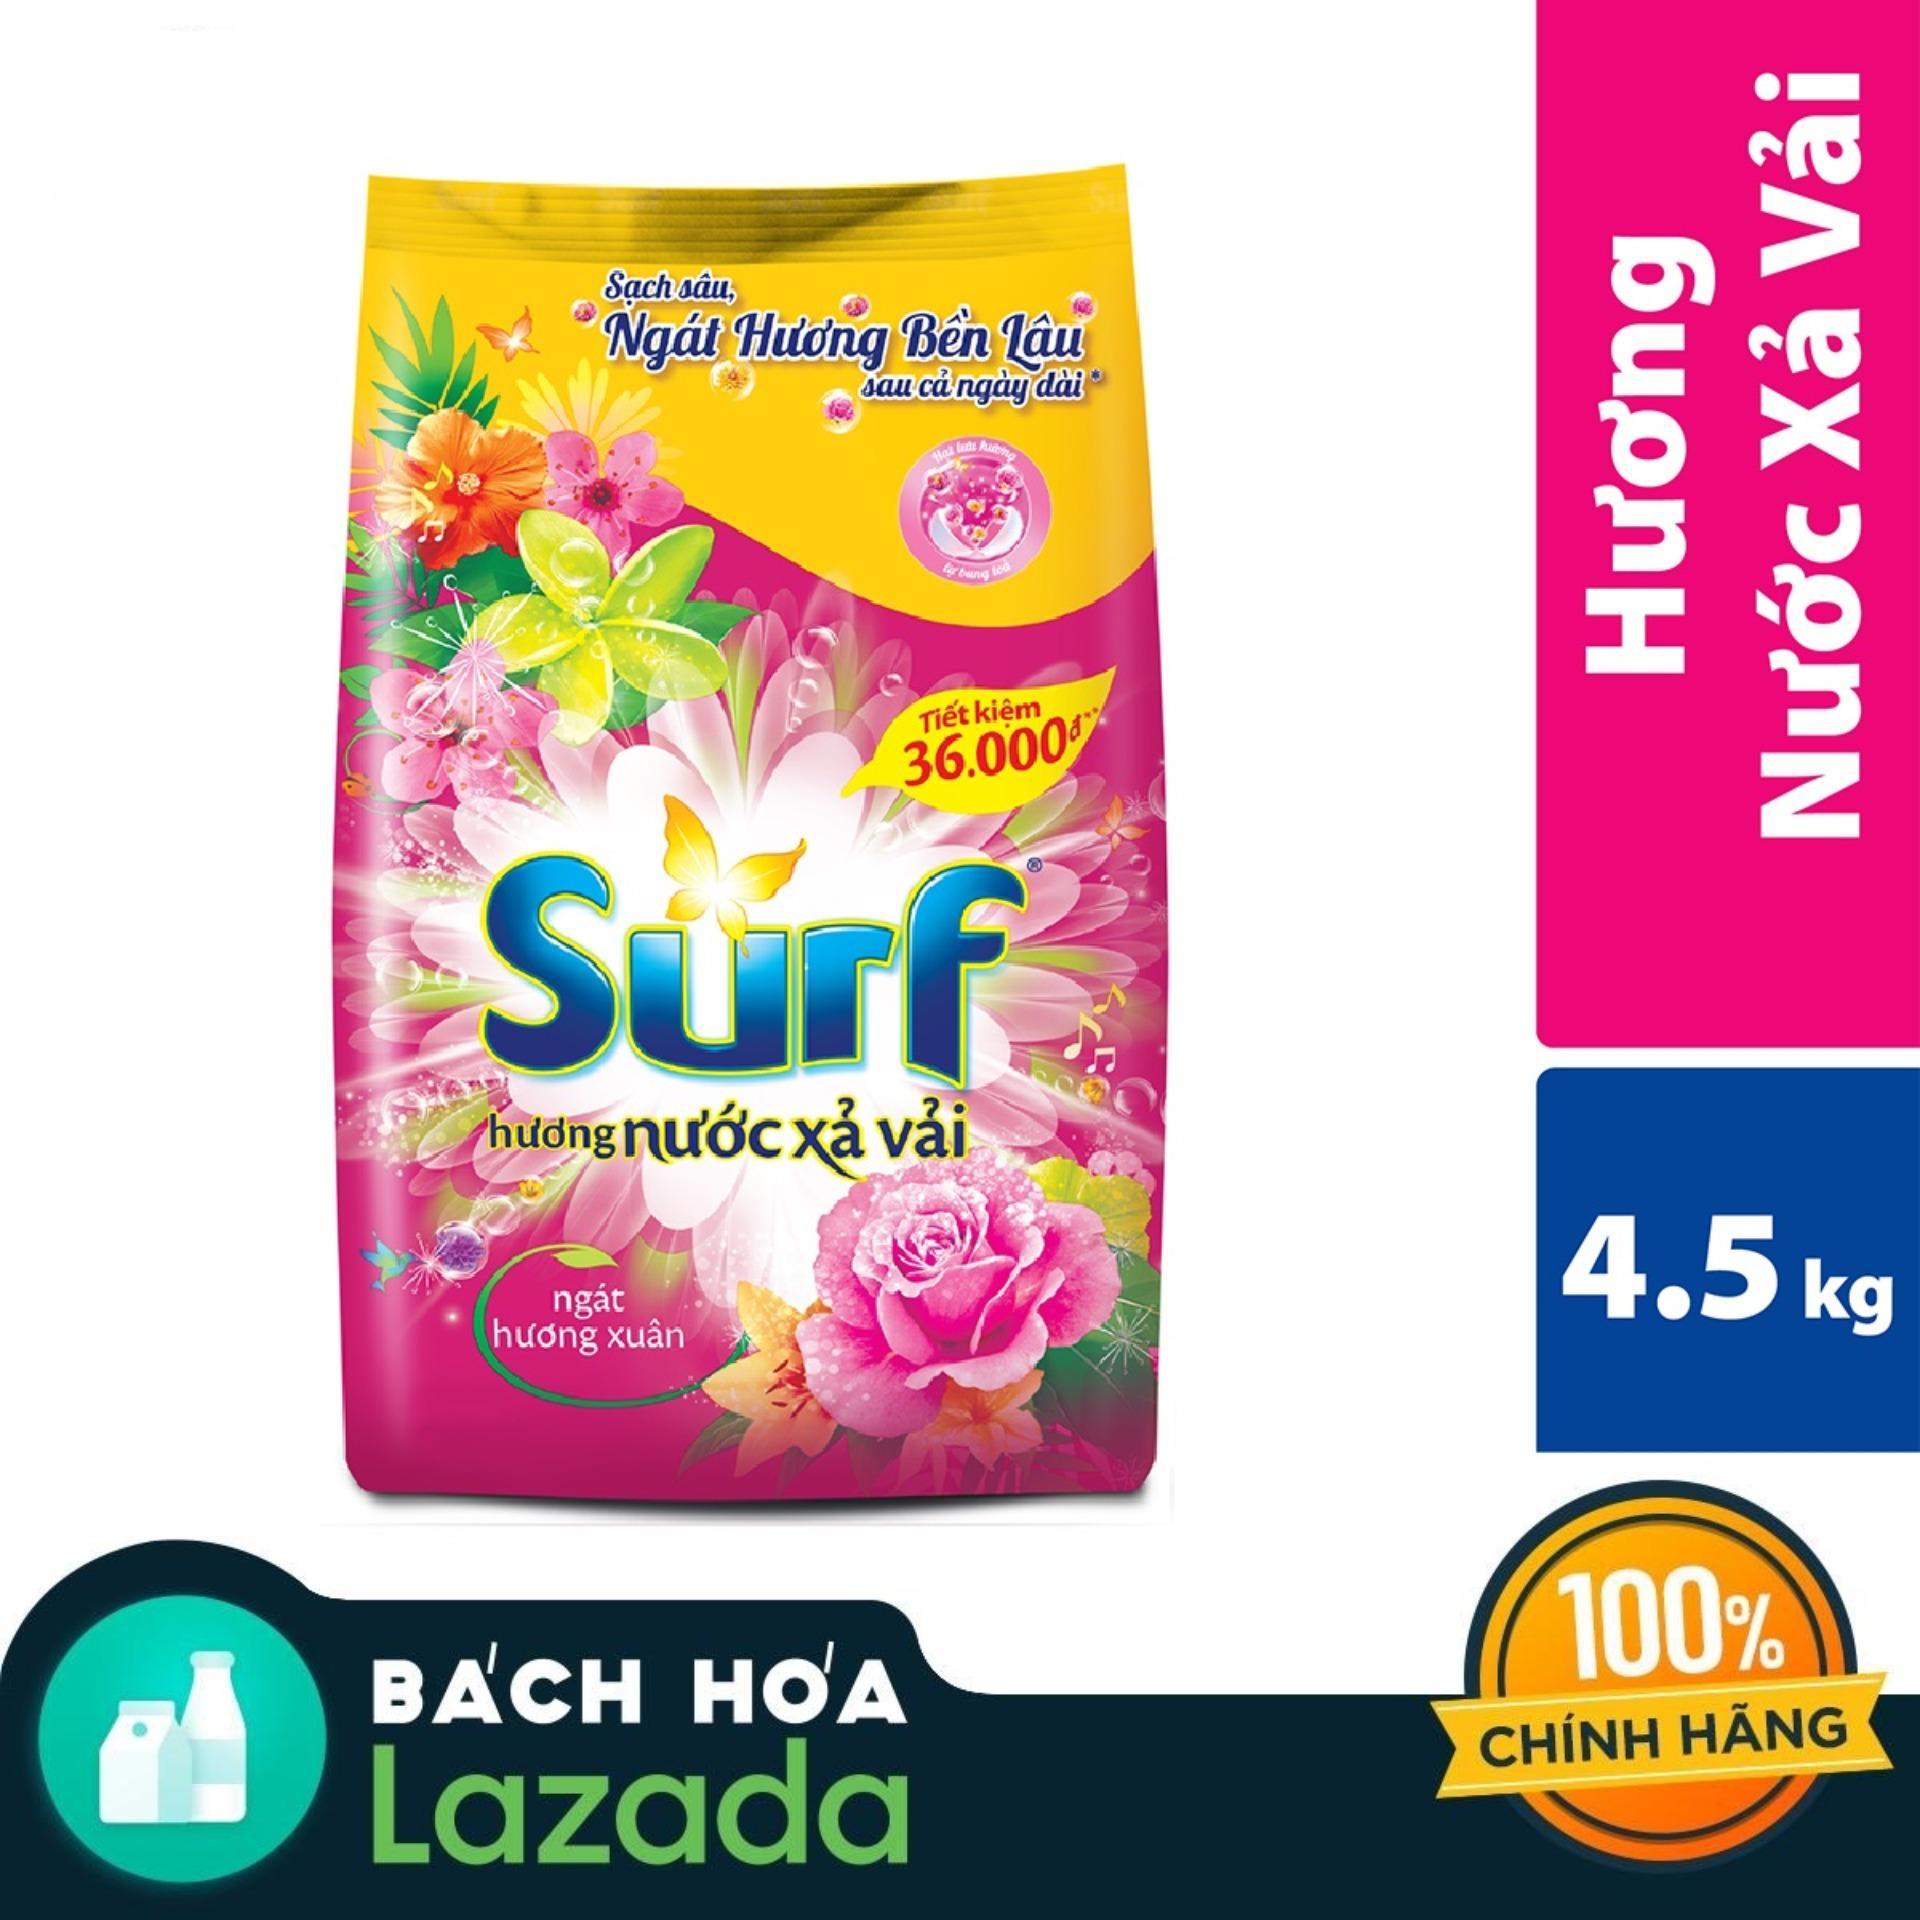 Giảm Giá Ưu Đãi Khi Mua Bột Giặt Surf 2 In 1 Hương Xuân 6kg